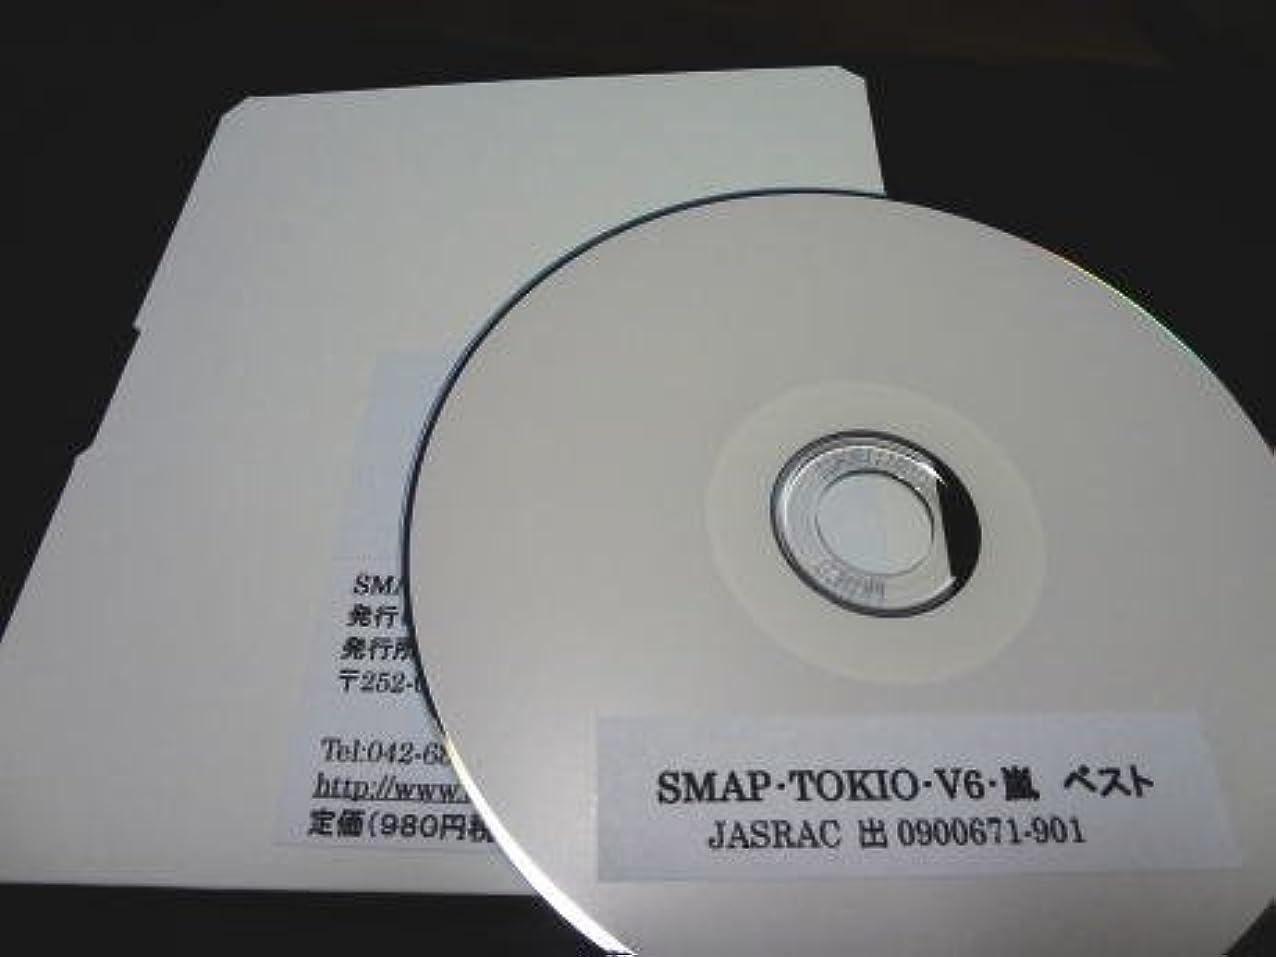 子音できないトーナメントギターコード譜シリーズ(CD-R版)/SMAP?TOKIO?V6?嵐 ベスト (全91曲)